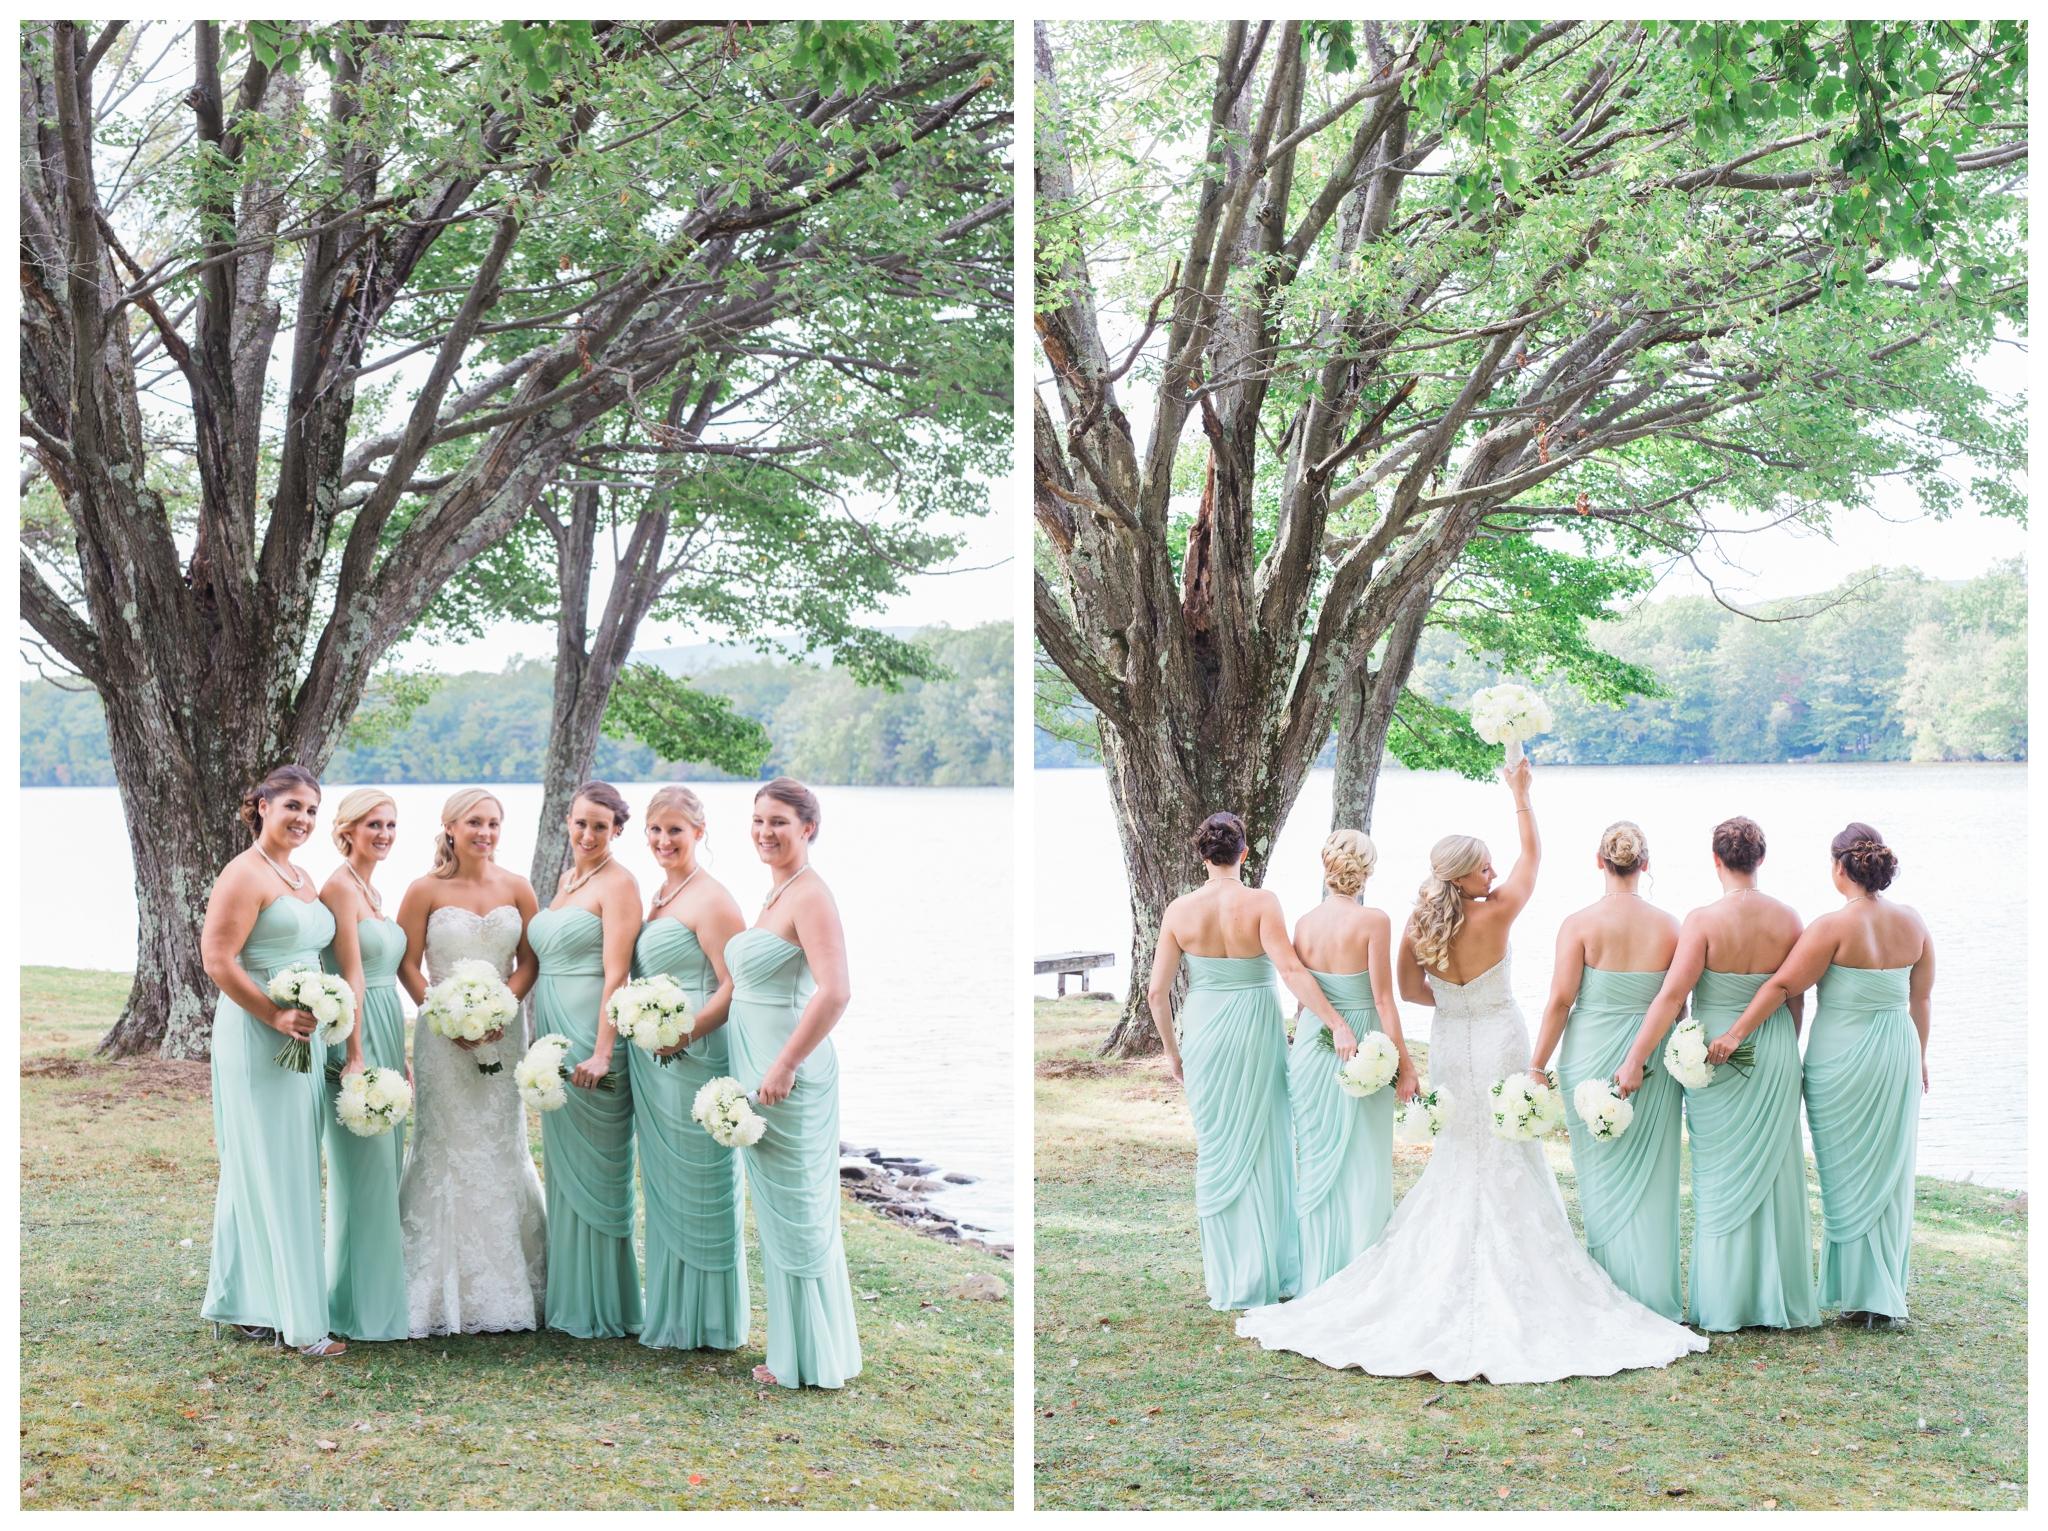 lodge-at-mountain-springs-lake-wedding_0013.jpg